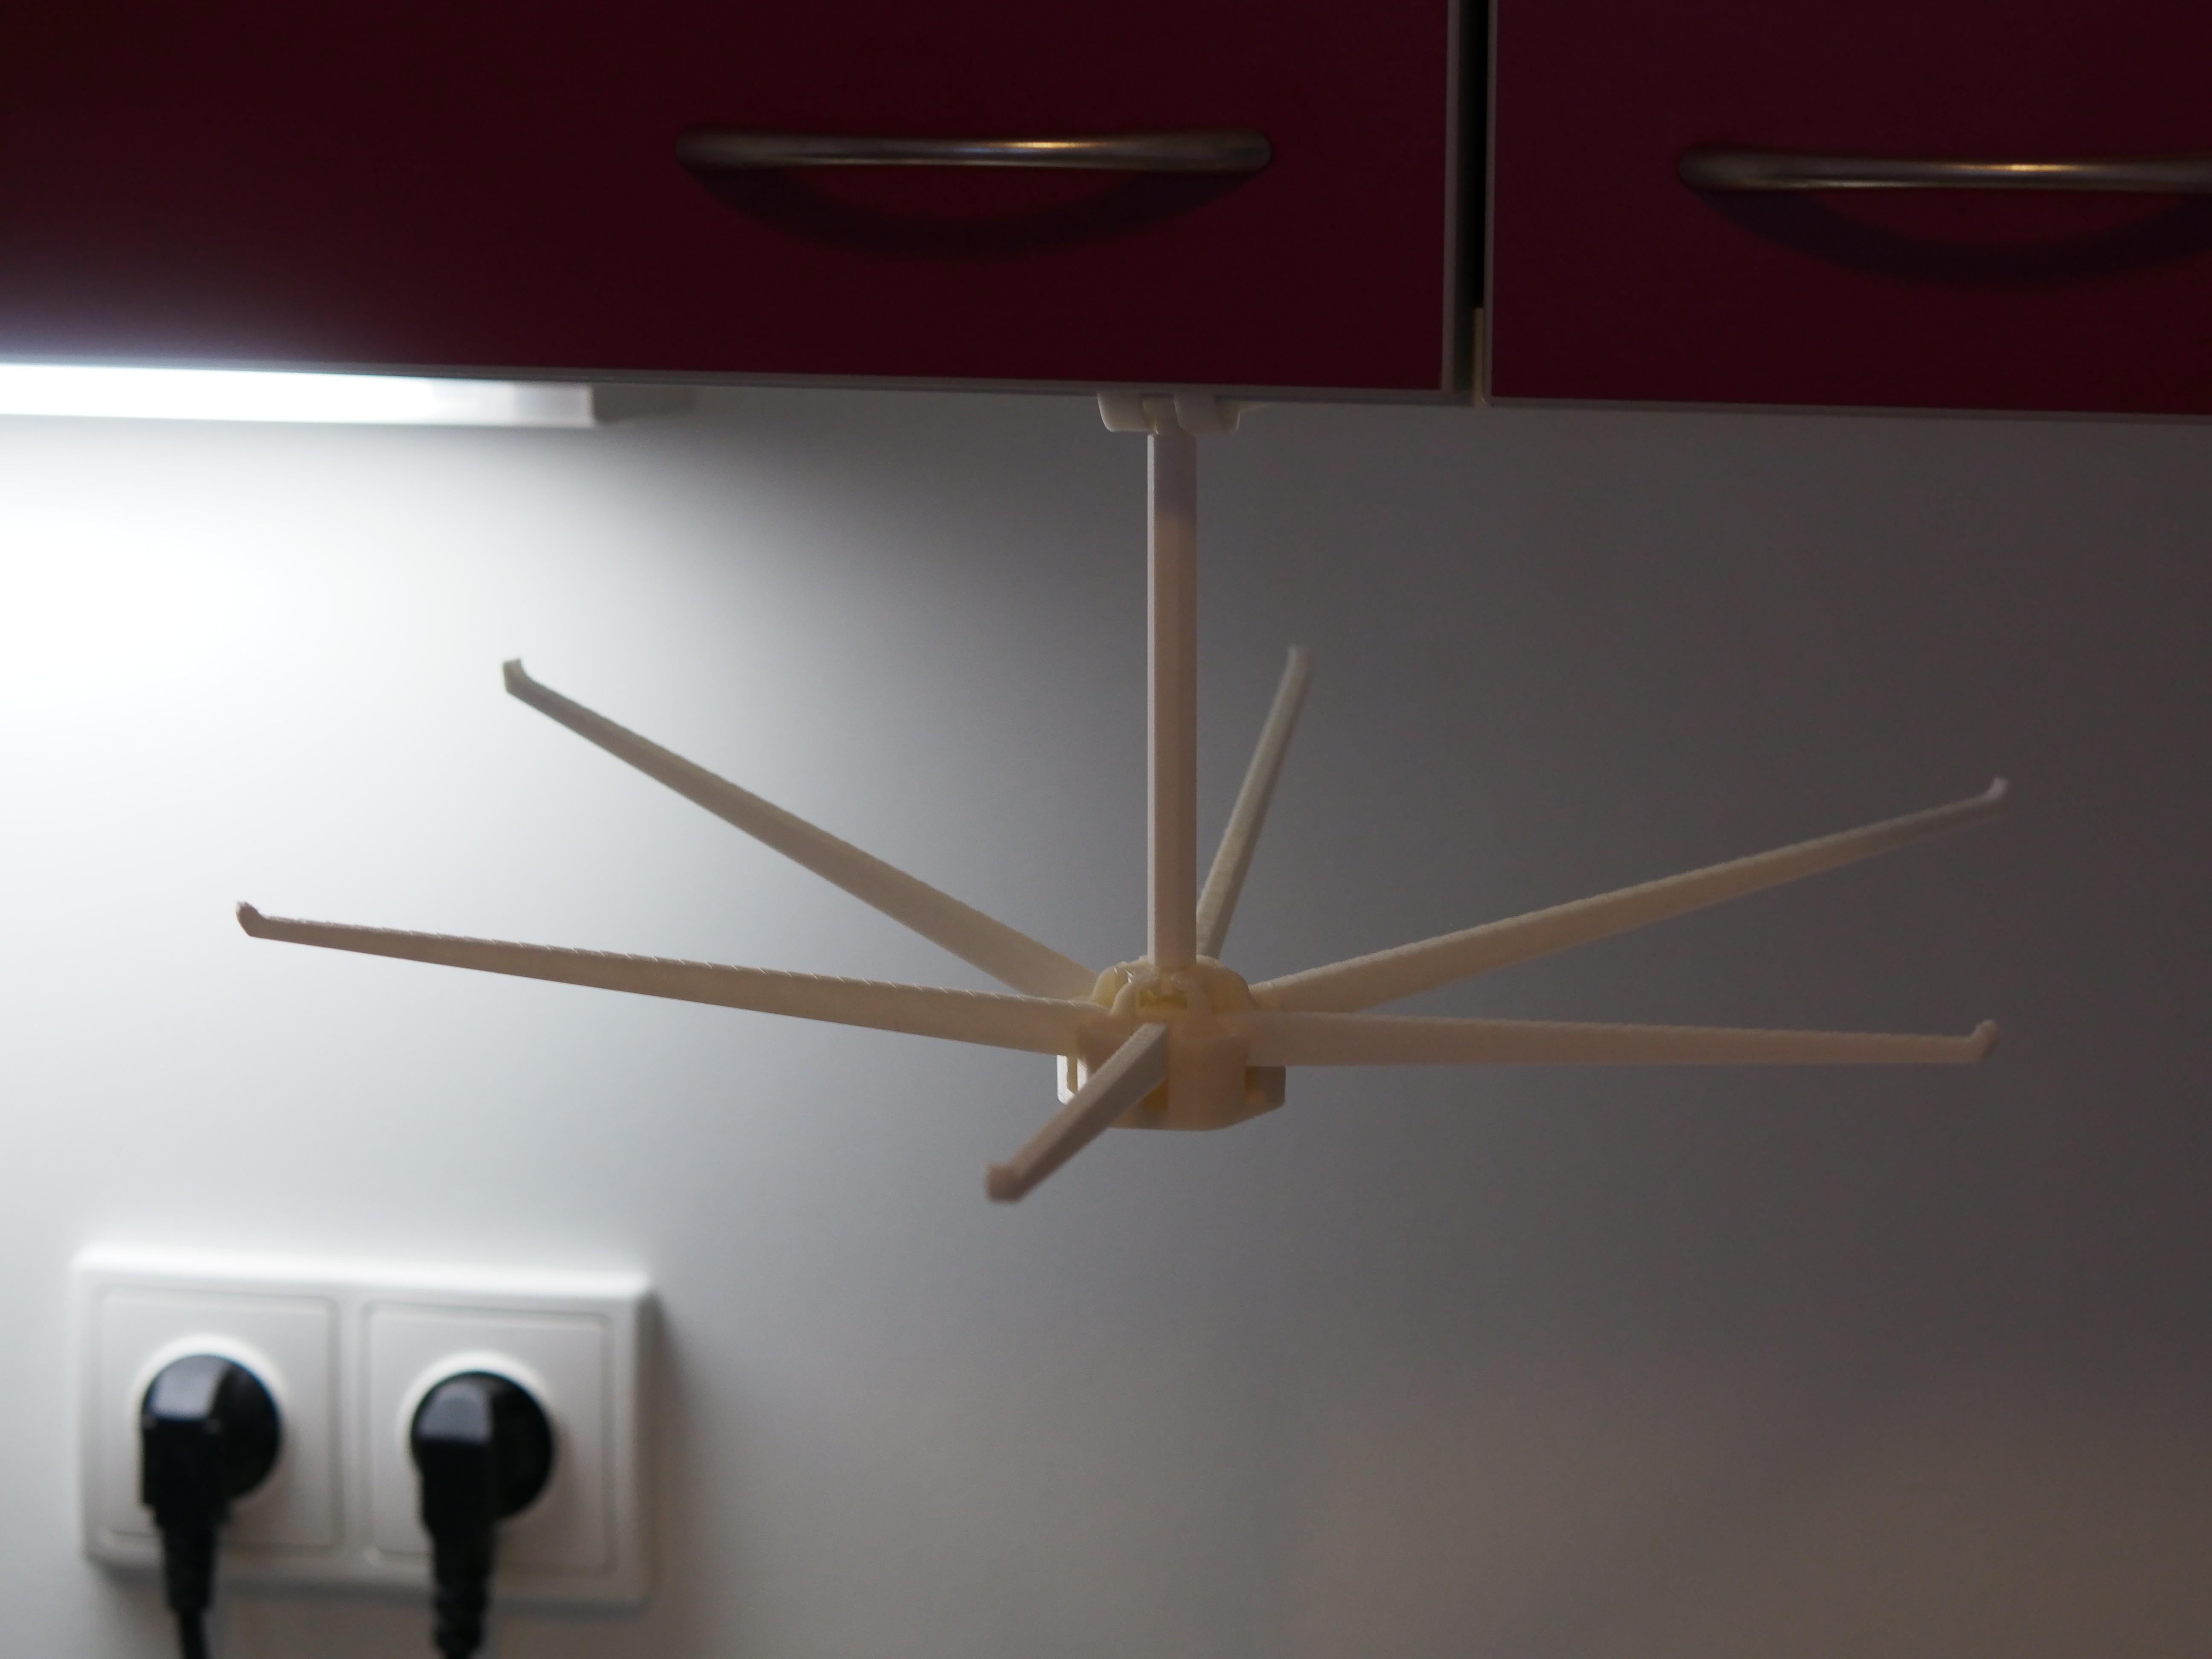 P3100444.JPG Télécharger fichier STL gratuit Séchoir pliant pour pâtes fraîches maison / Lasagnes / Tagliatele • Objet à imprimer en 3D, kumekay